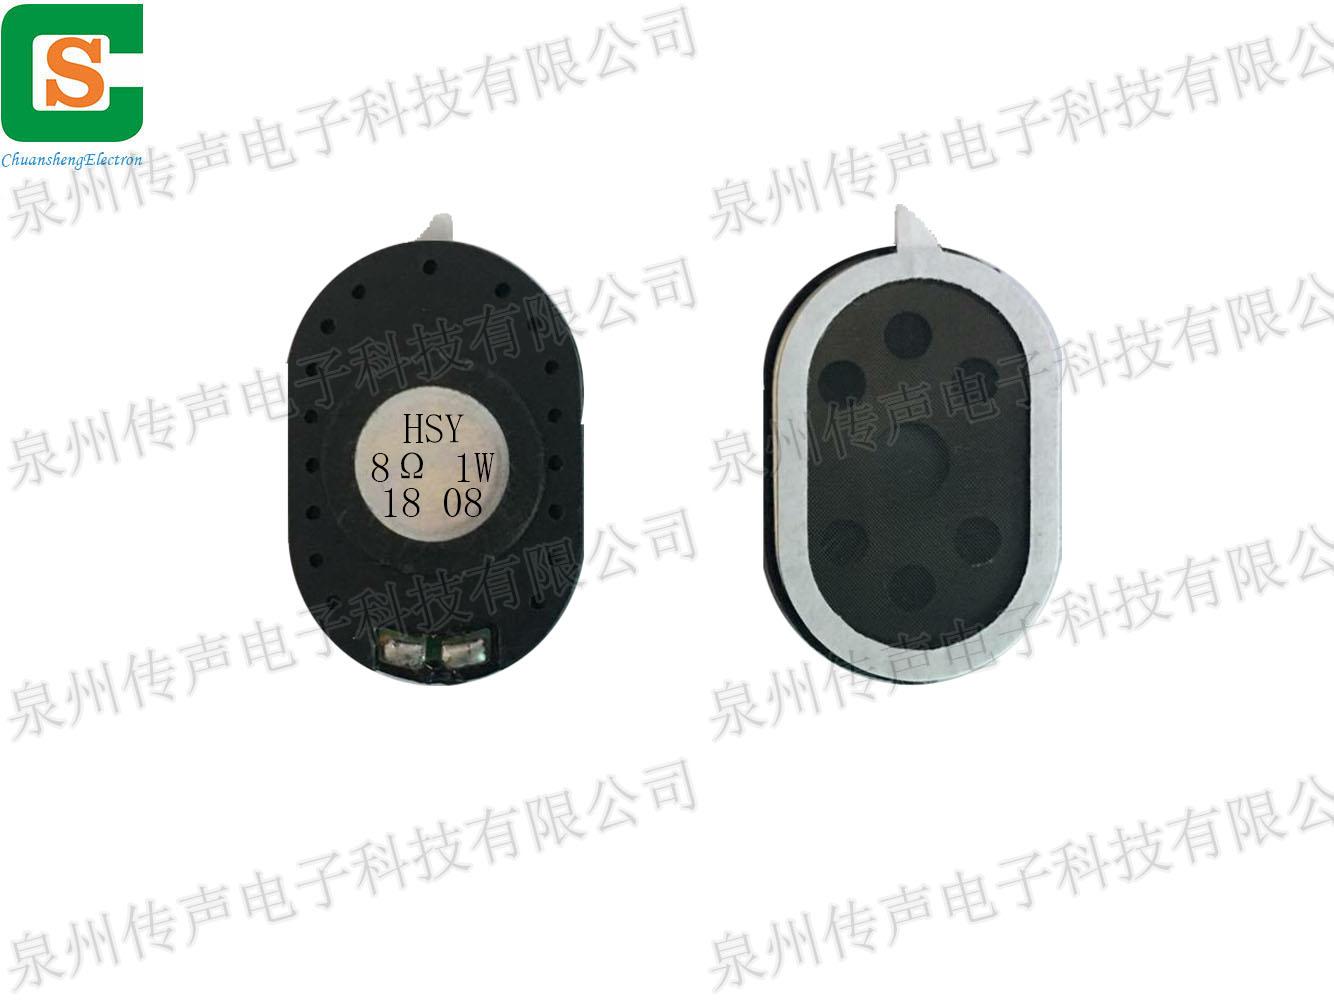 四川对讲机扬声器厂家批发-泉州新款扬声器哪里买